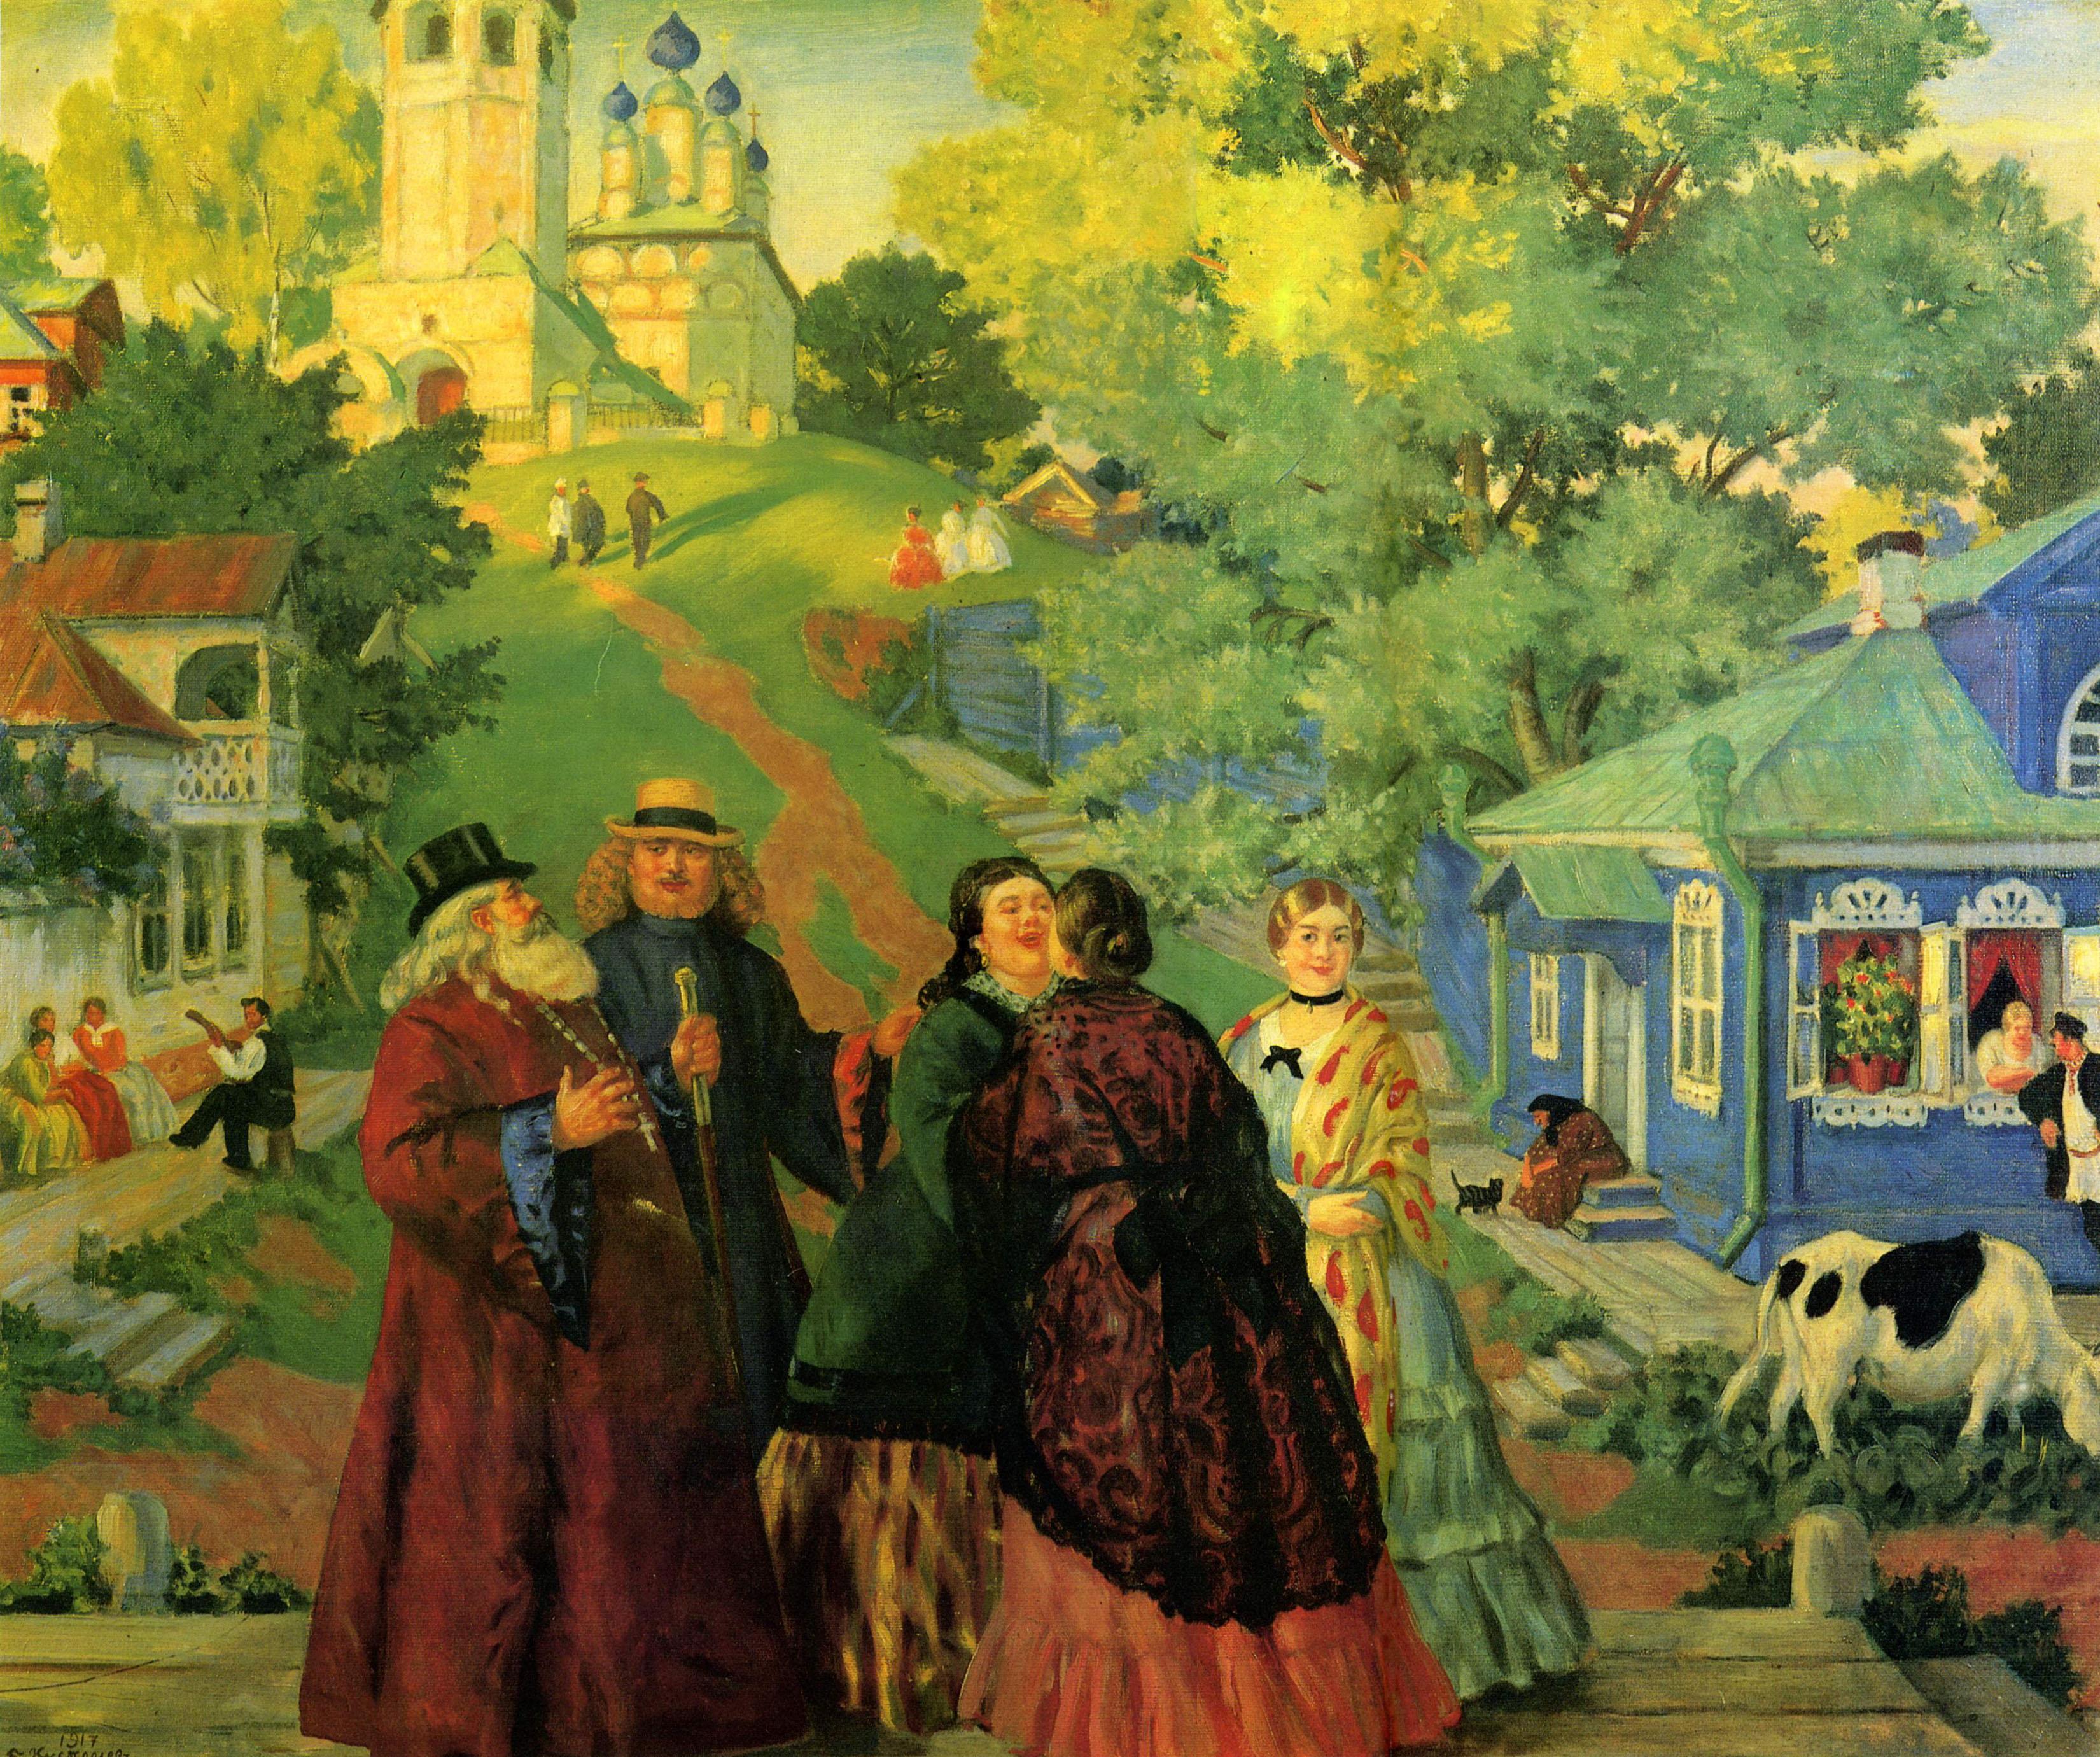 Кустодиев Б.. Встреча (Пасхальный день). 1917